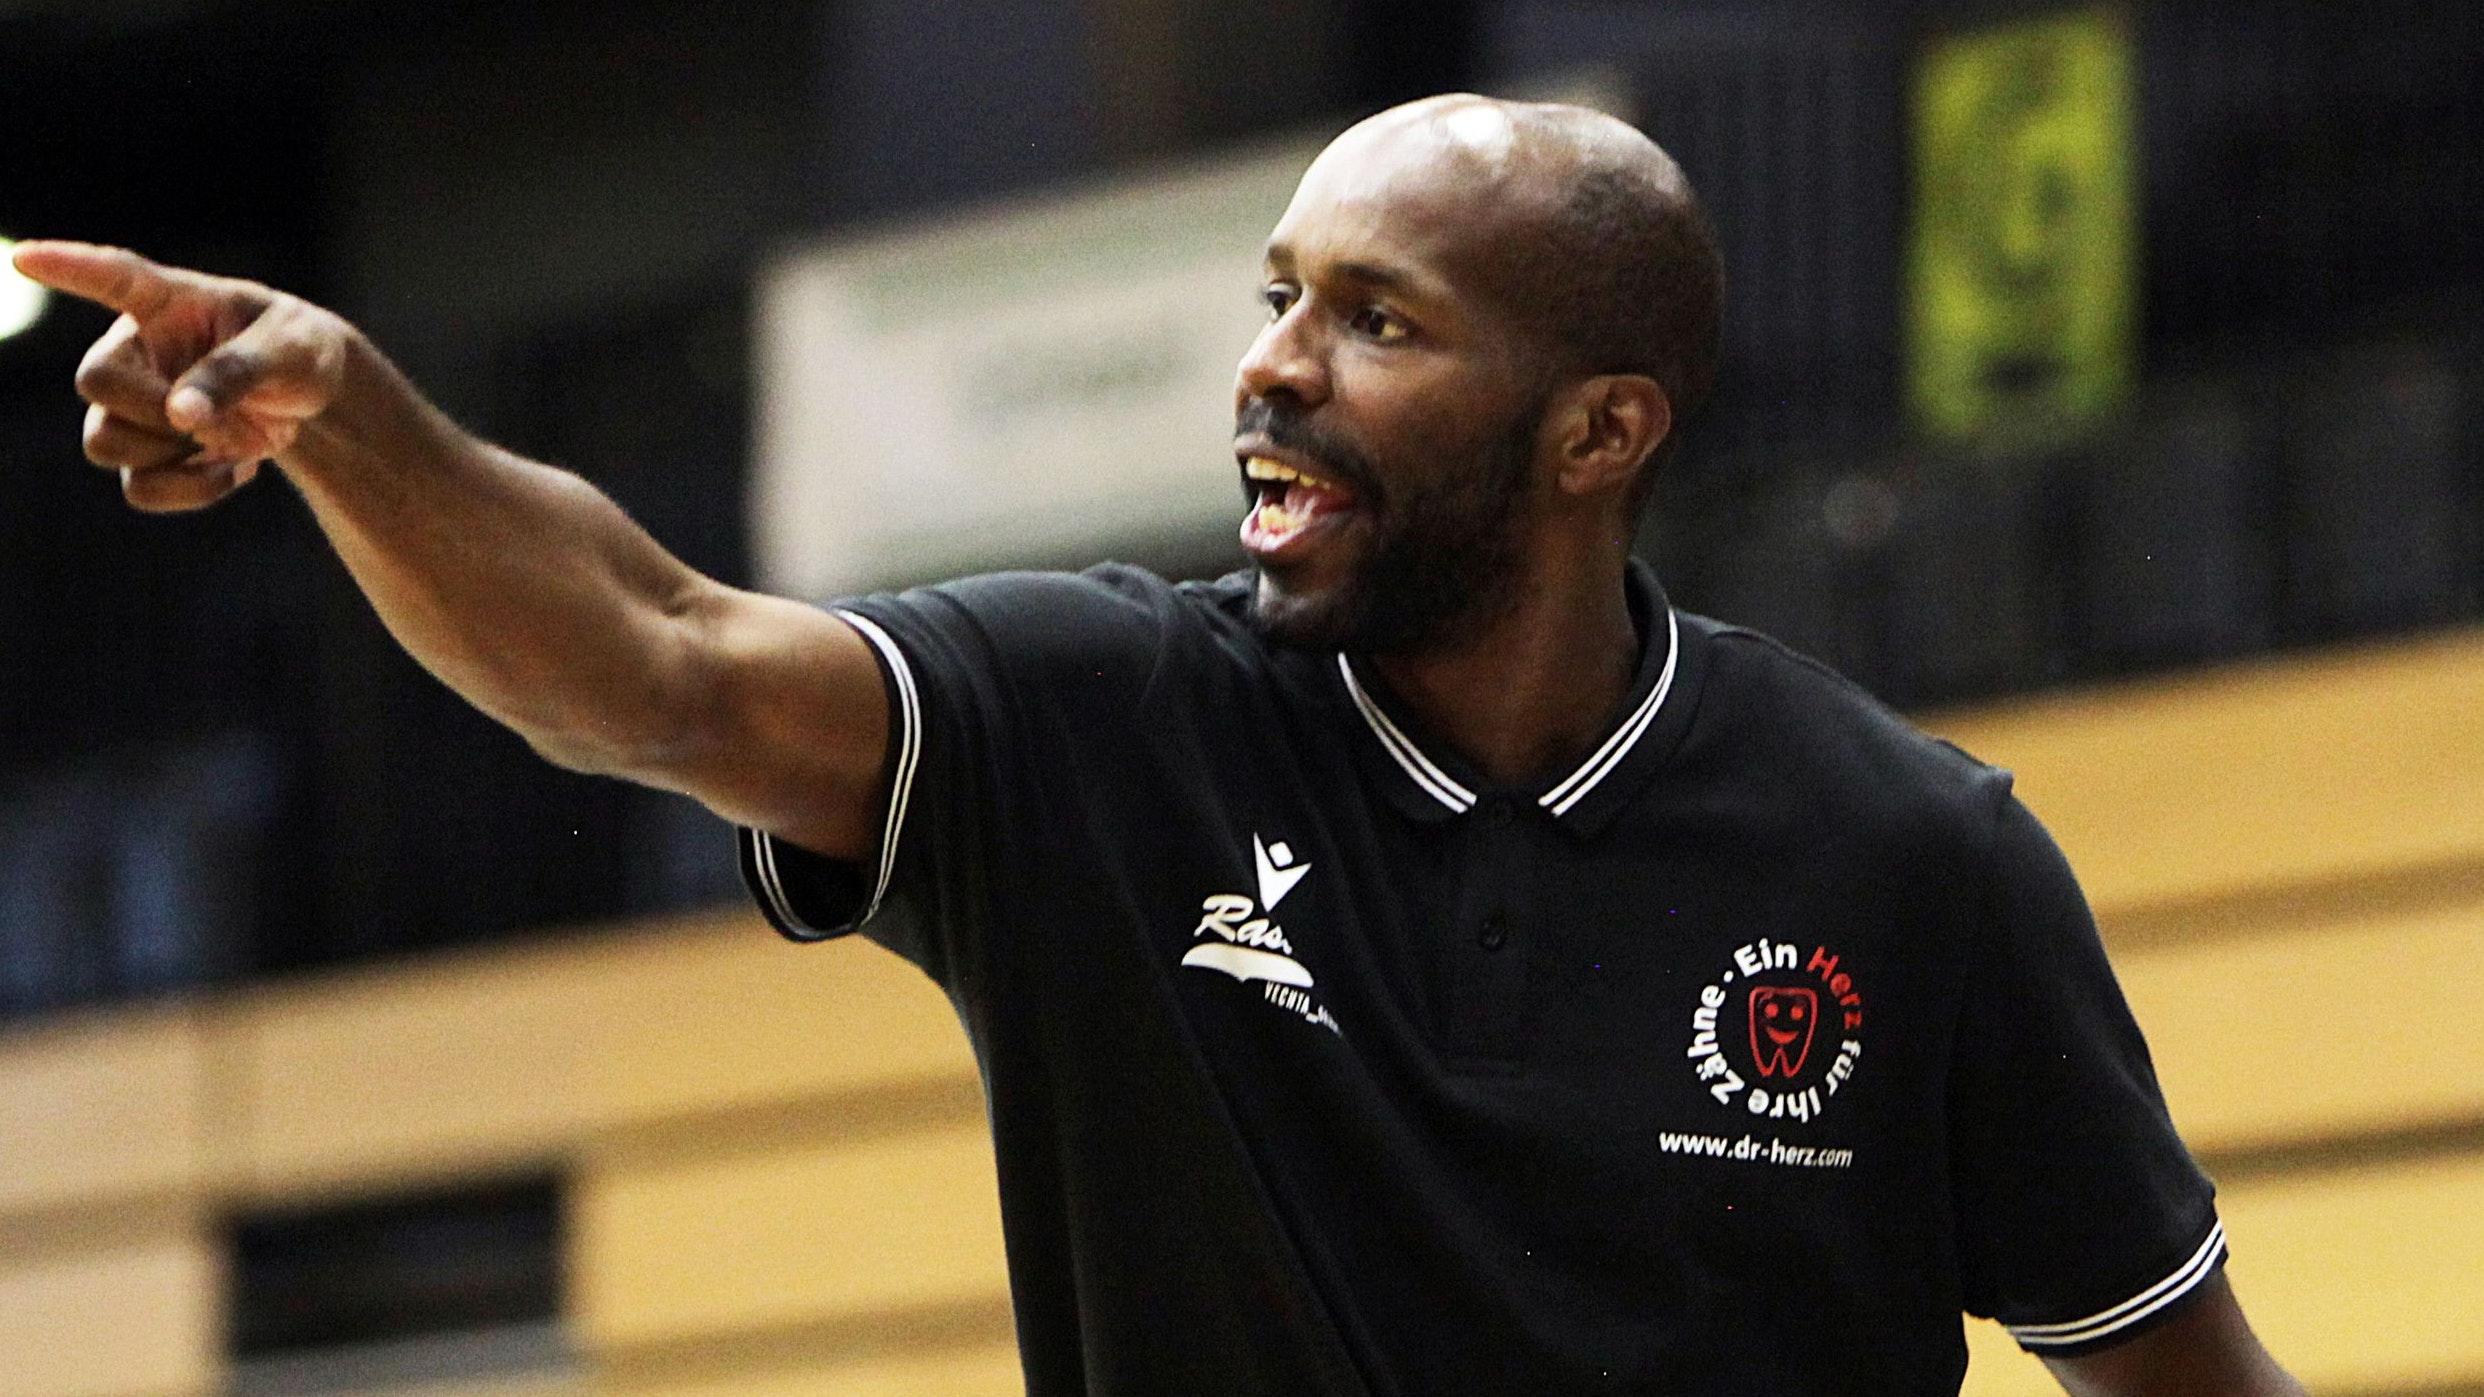 Nicht zufrieden: Rasta-Coach Derrick Allen. Foto: Schikora